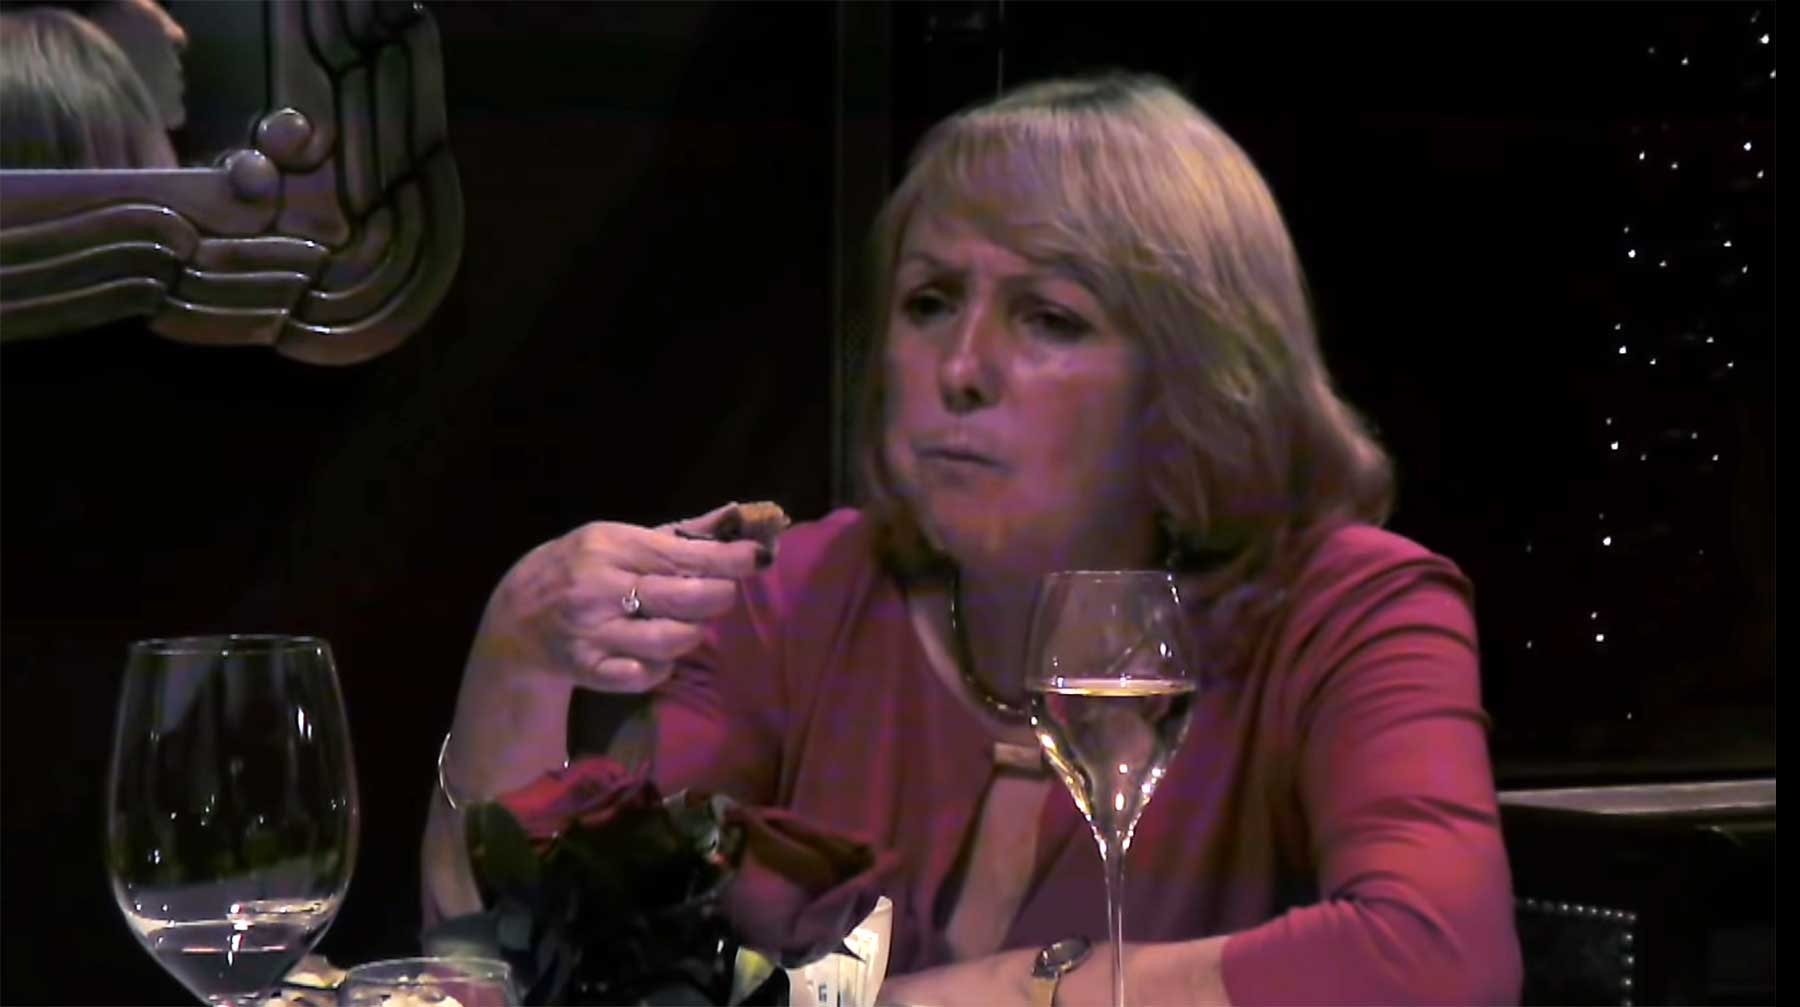 Frau bekommt ihr eigenes Essen im Sterne-Restaurant serviert